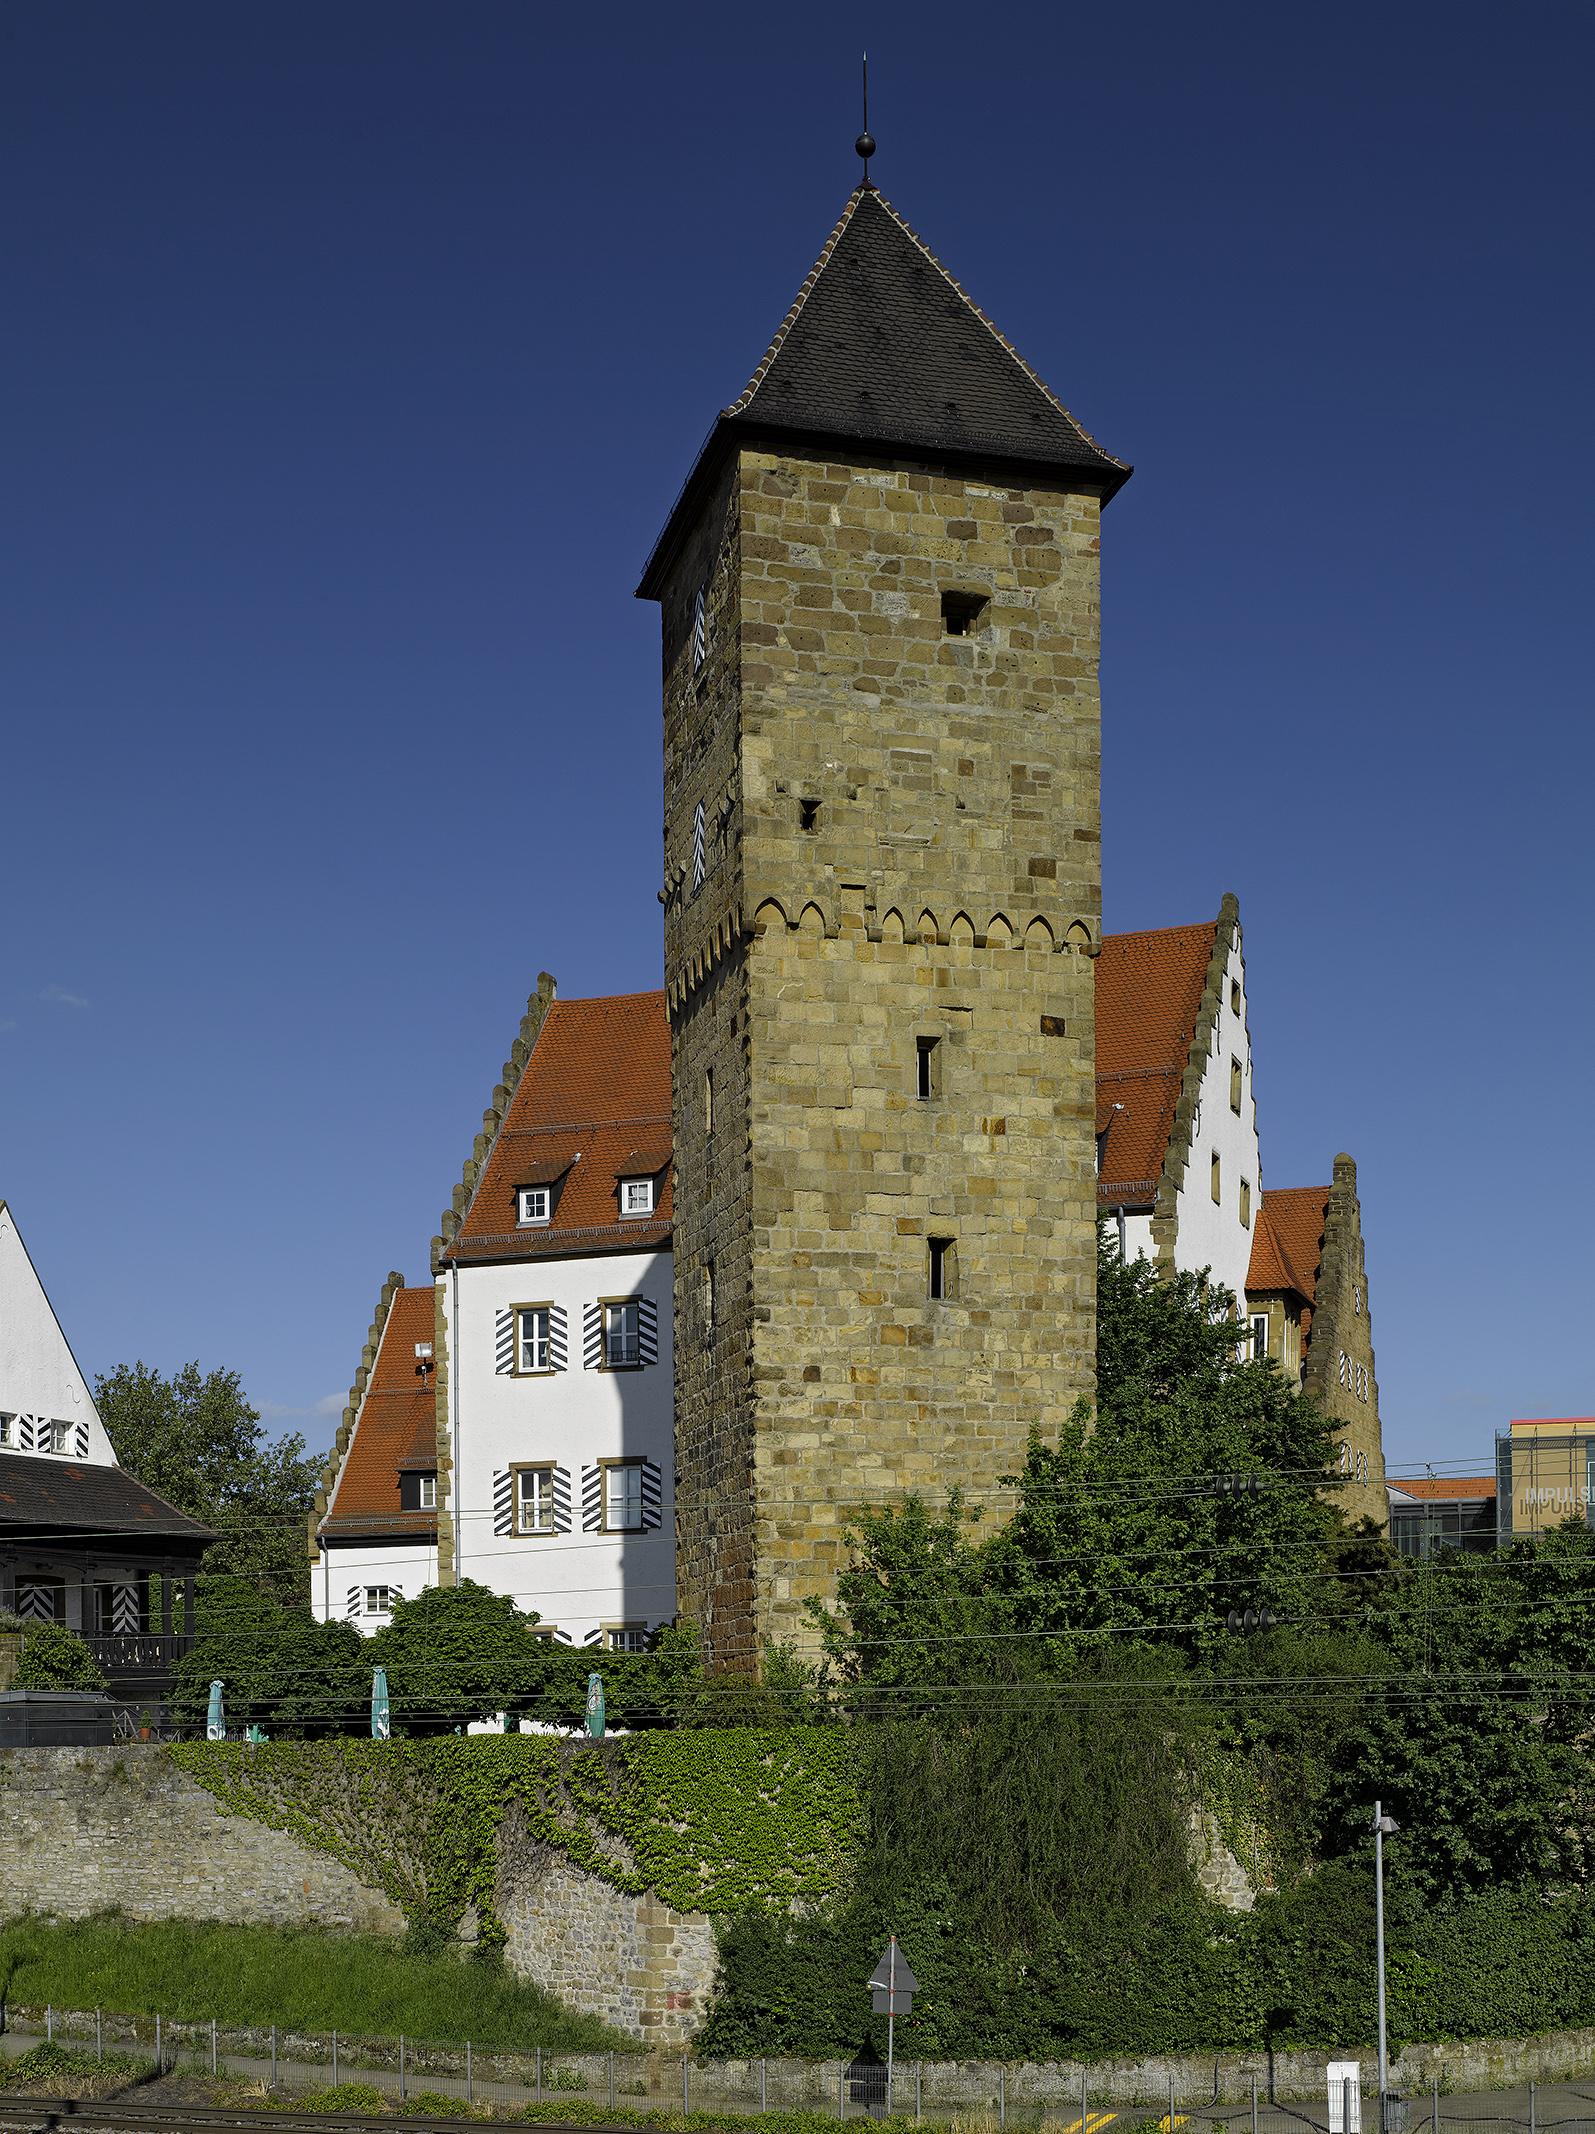 ©Bernhard J. Lattner, Heilbronn - Deutschordensschloss